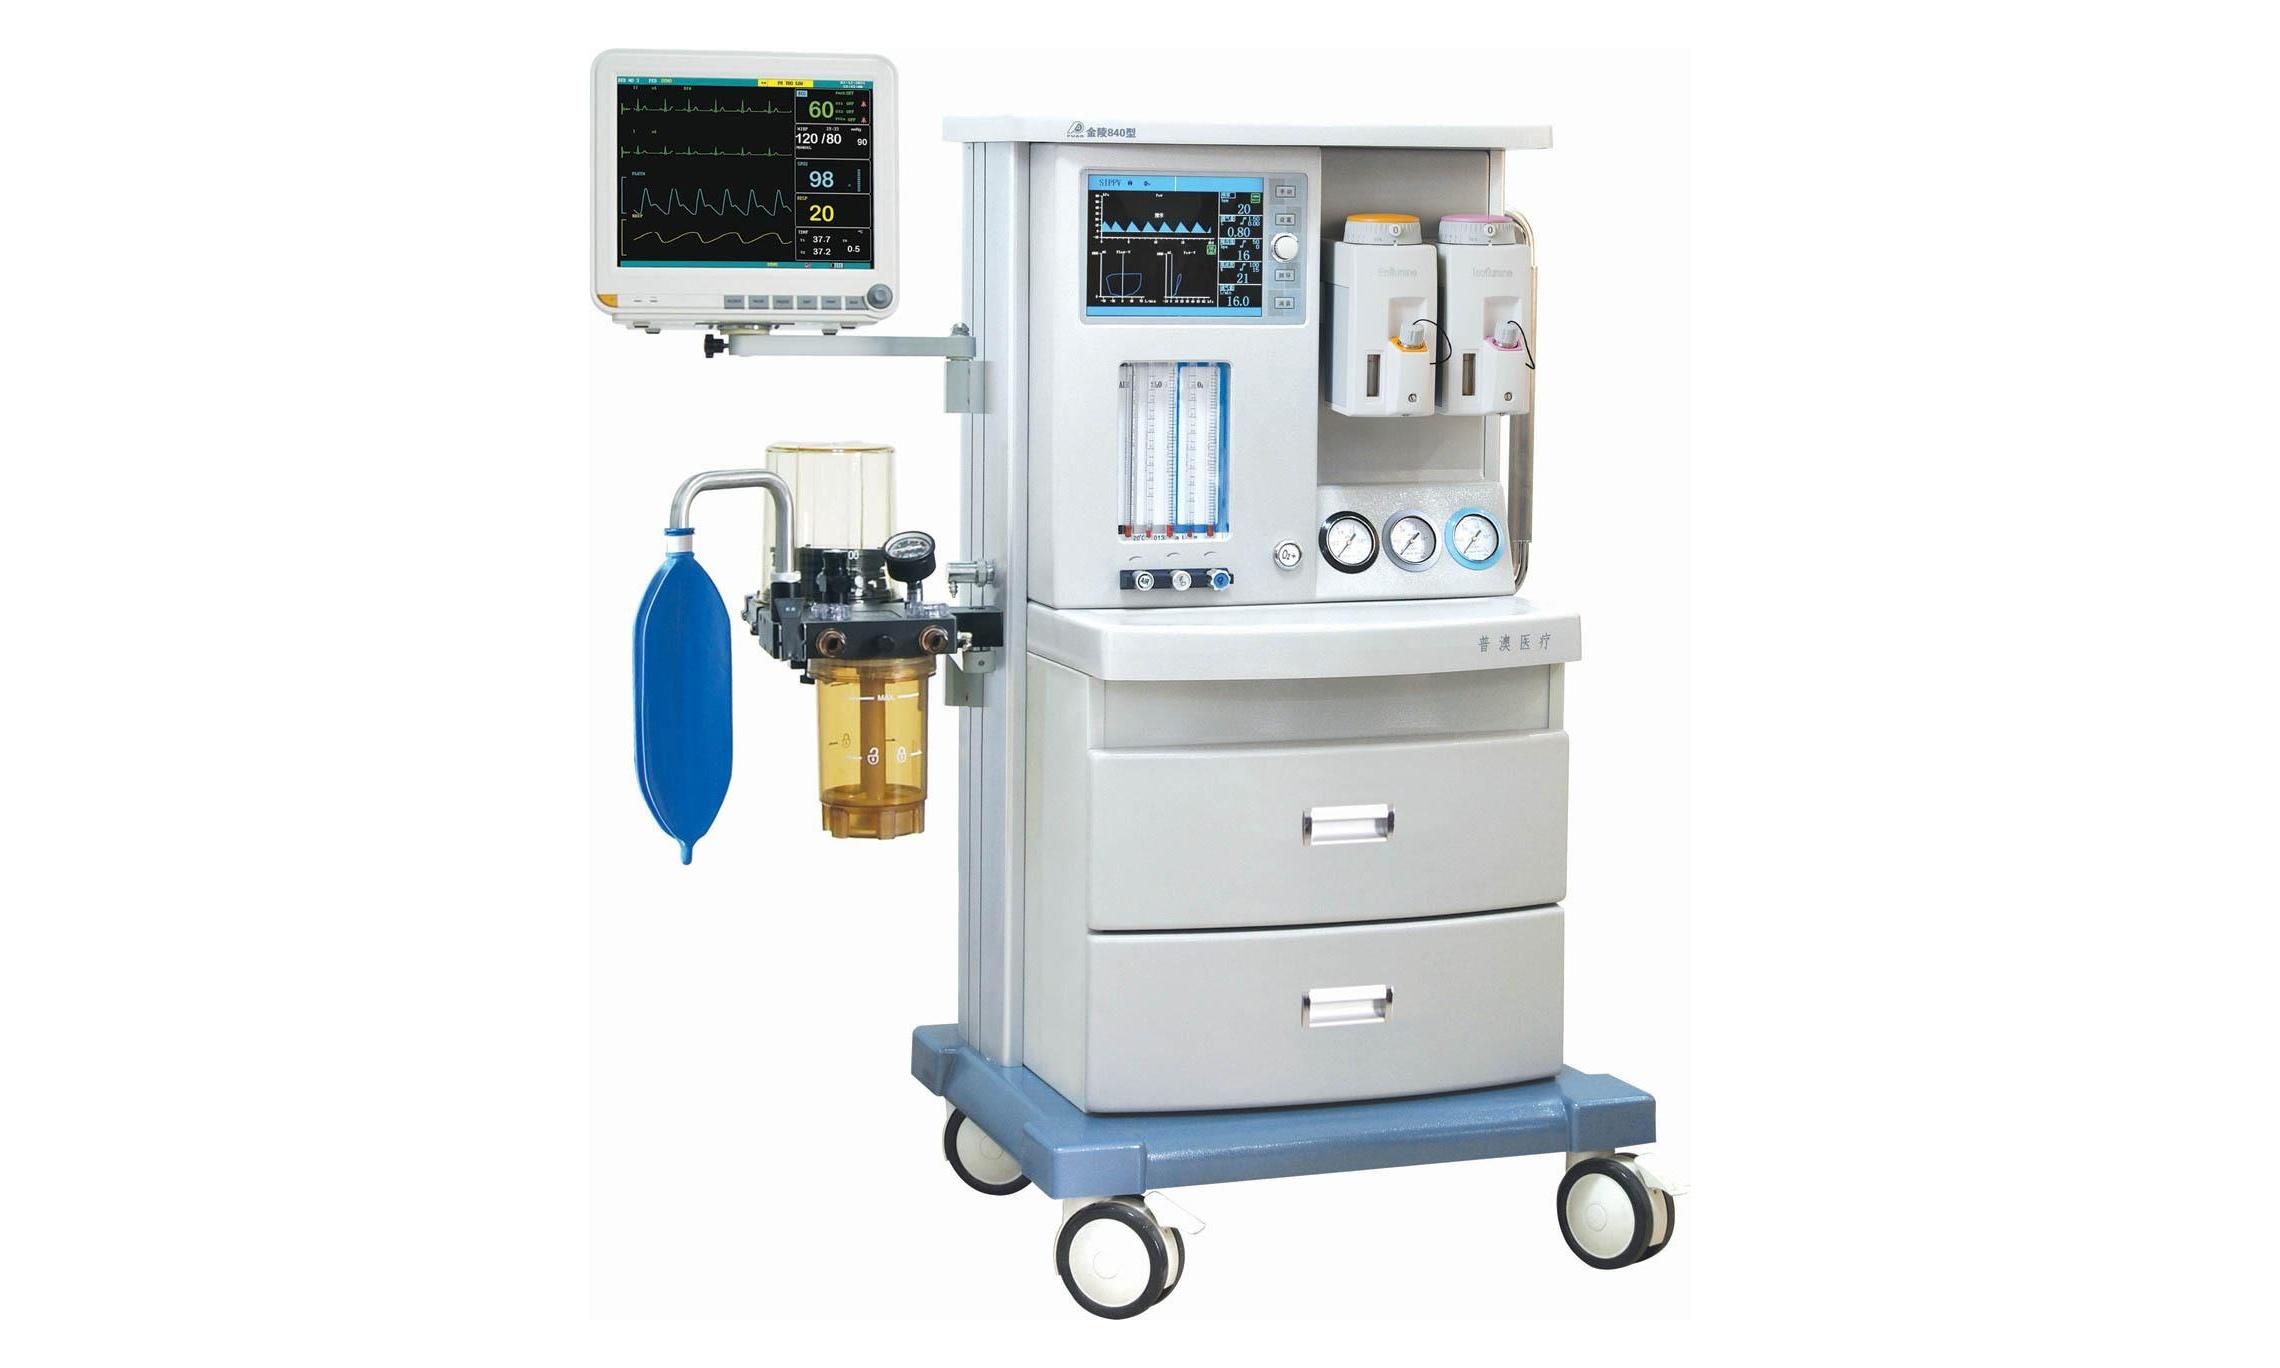 六安市人民医院高档麻醉机等仪器设备采购项目招标